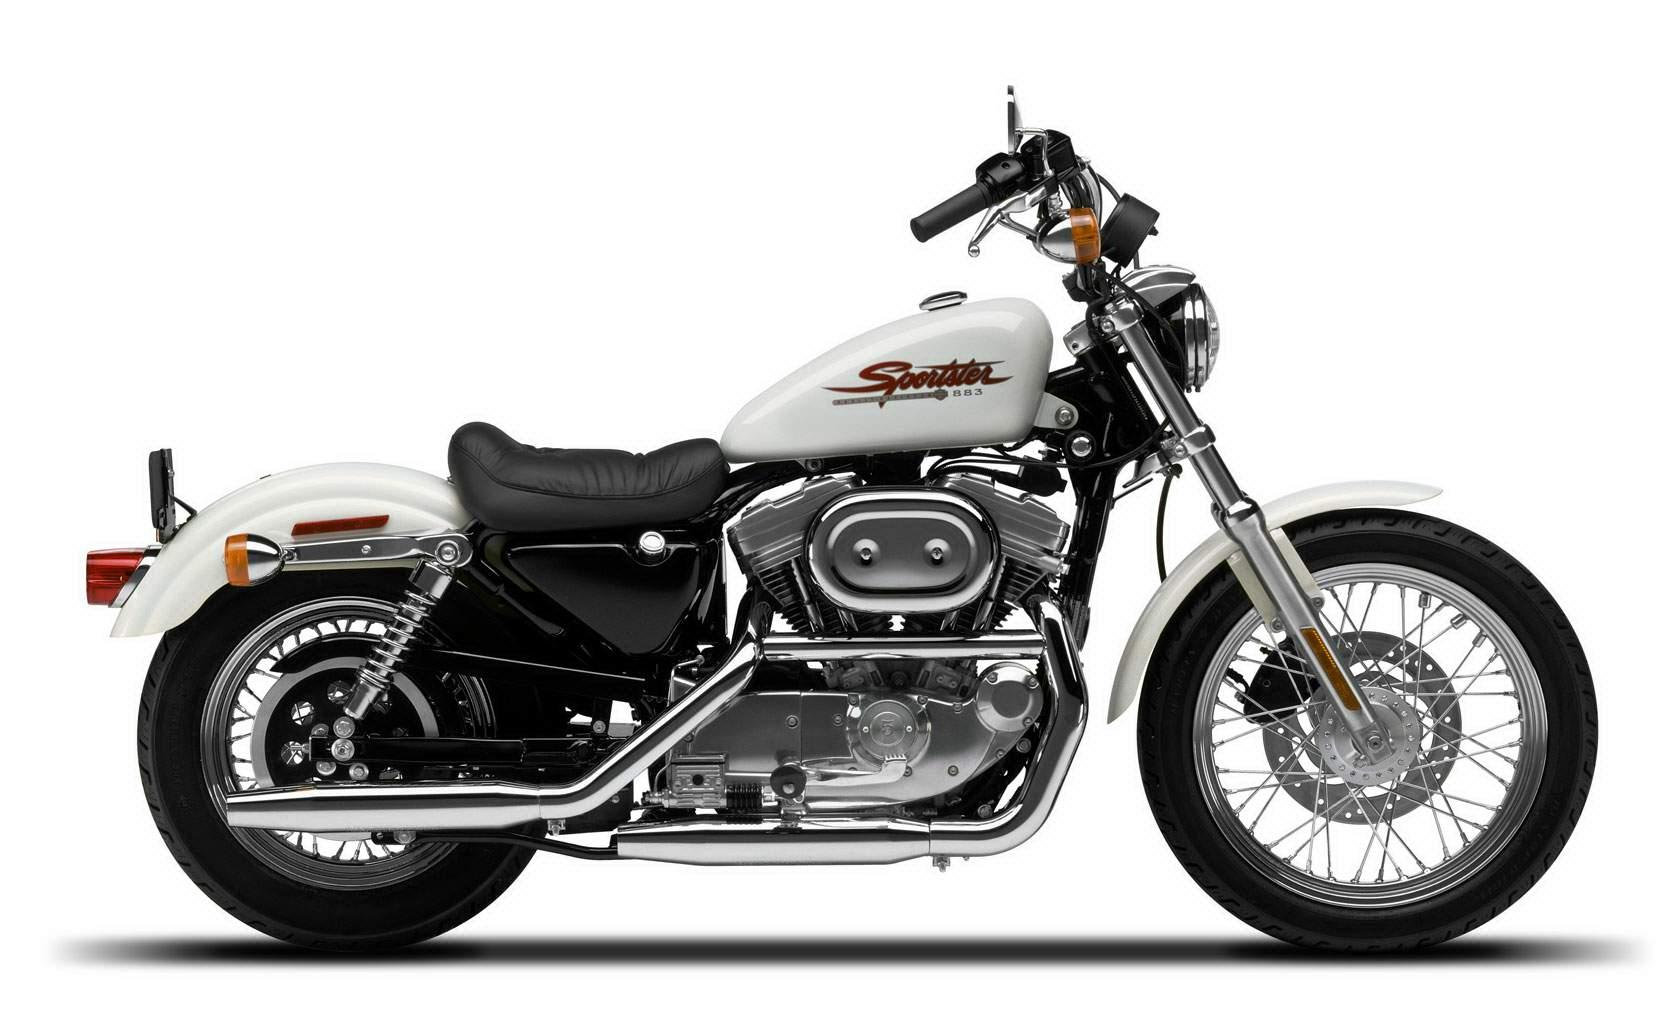 Harley_XLH_883_Sportster_Hugger_01.jpg